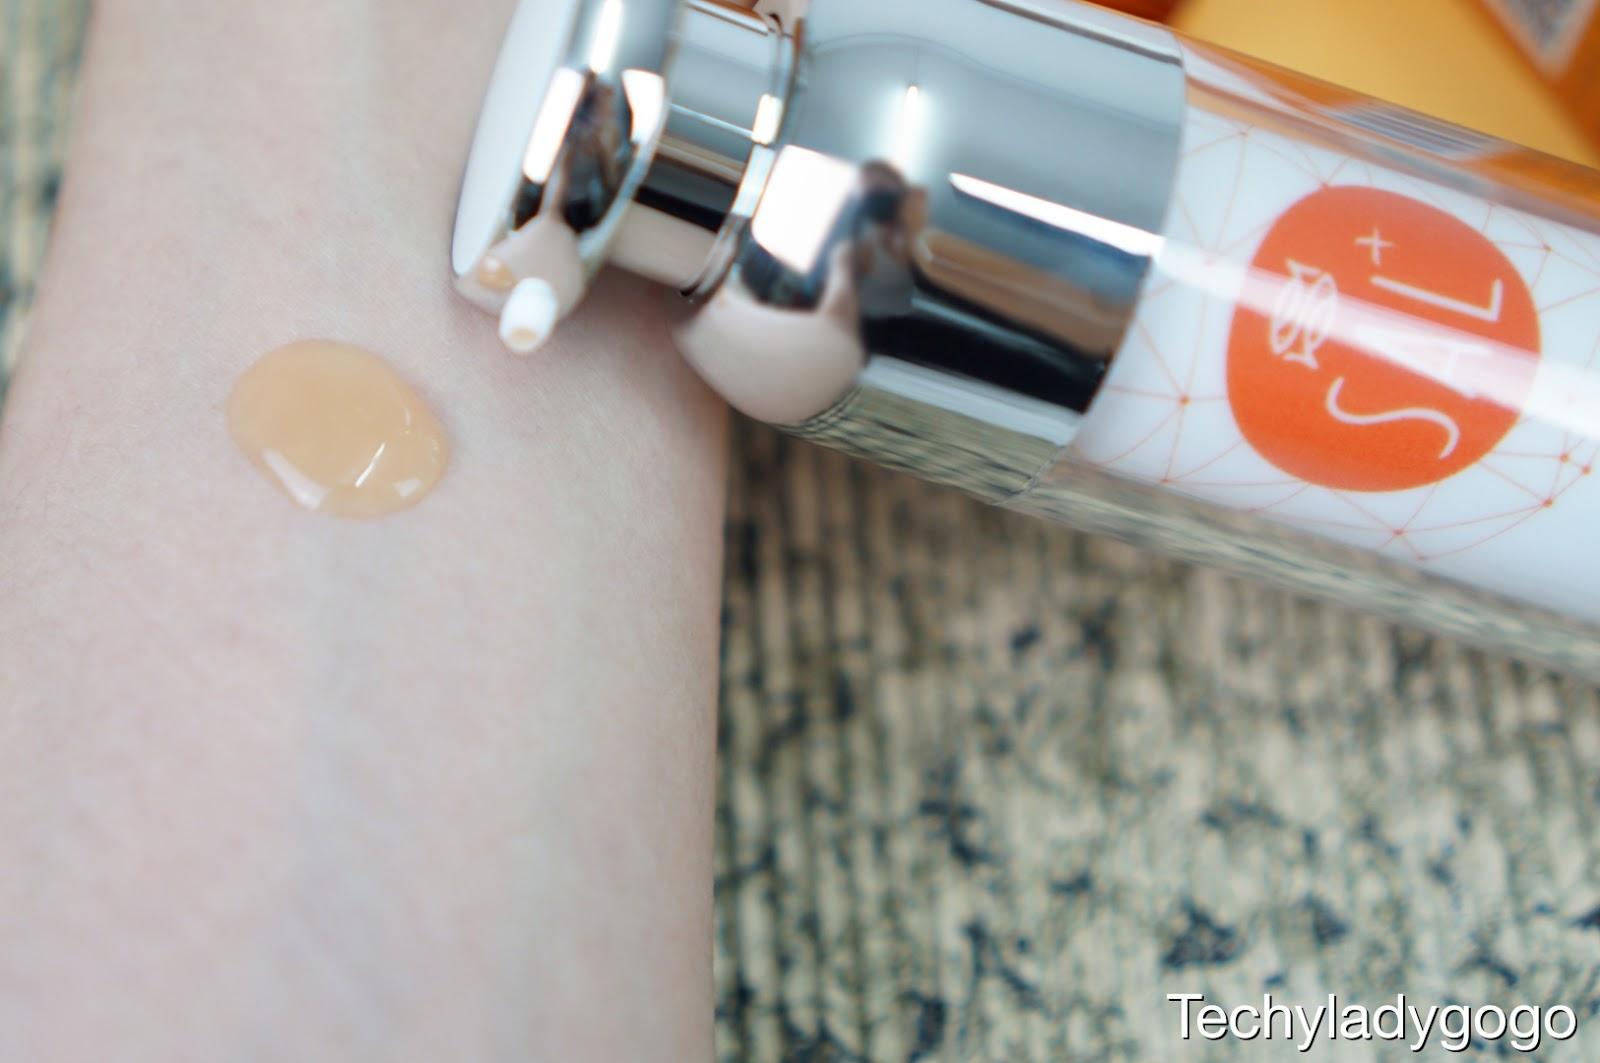 นื้อเซรั่ม SAL+ FACIAL SERUM  บางเบาสีส้มใส ๆ ค่ะ เกลี่ยง่าย ซึมสู่ผิวได้เร็ว พอเซรั่มแห้งจะทำให้ผิวรู้สึกตึง แลดูกระชับขึ้นในทันที โดยไม่ทิ้งความมันหรือเหนียวไว้เลย แต่เห็นบางเบาแบบนี้ส่วนผสมเขาจัดเต็มนะคะ